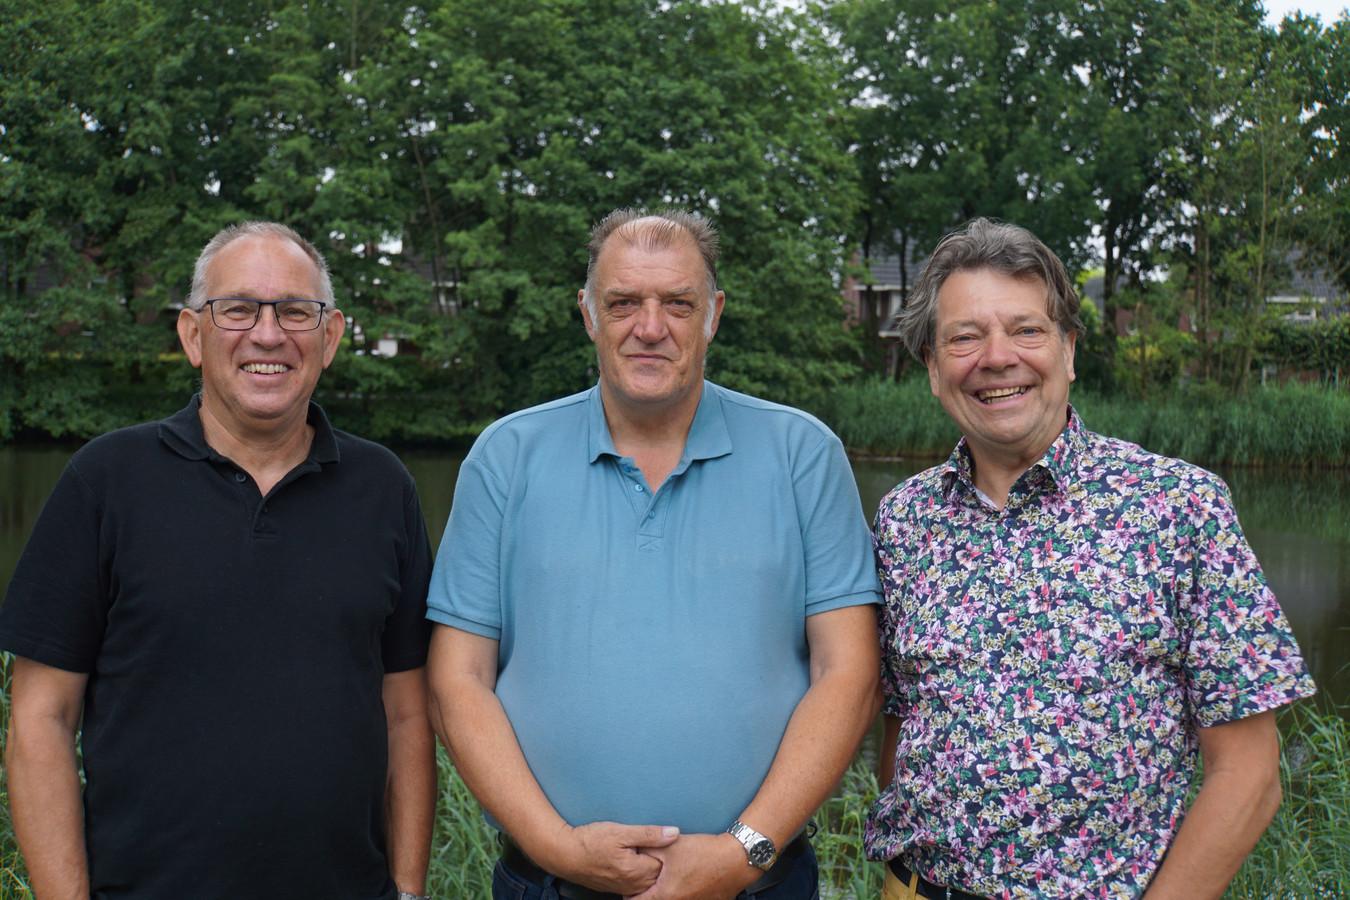 Van links naar rechts: de burgerleden Martien van den Hoven en René van de Westerlo en raadslid Michael Rieter.